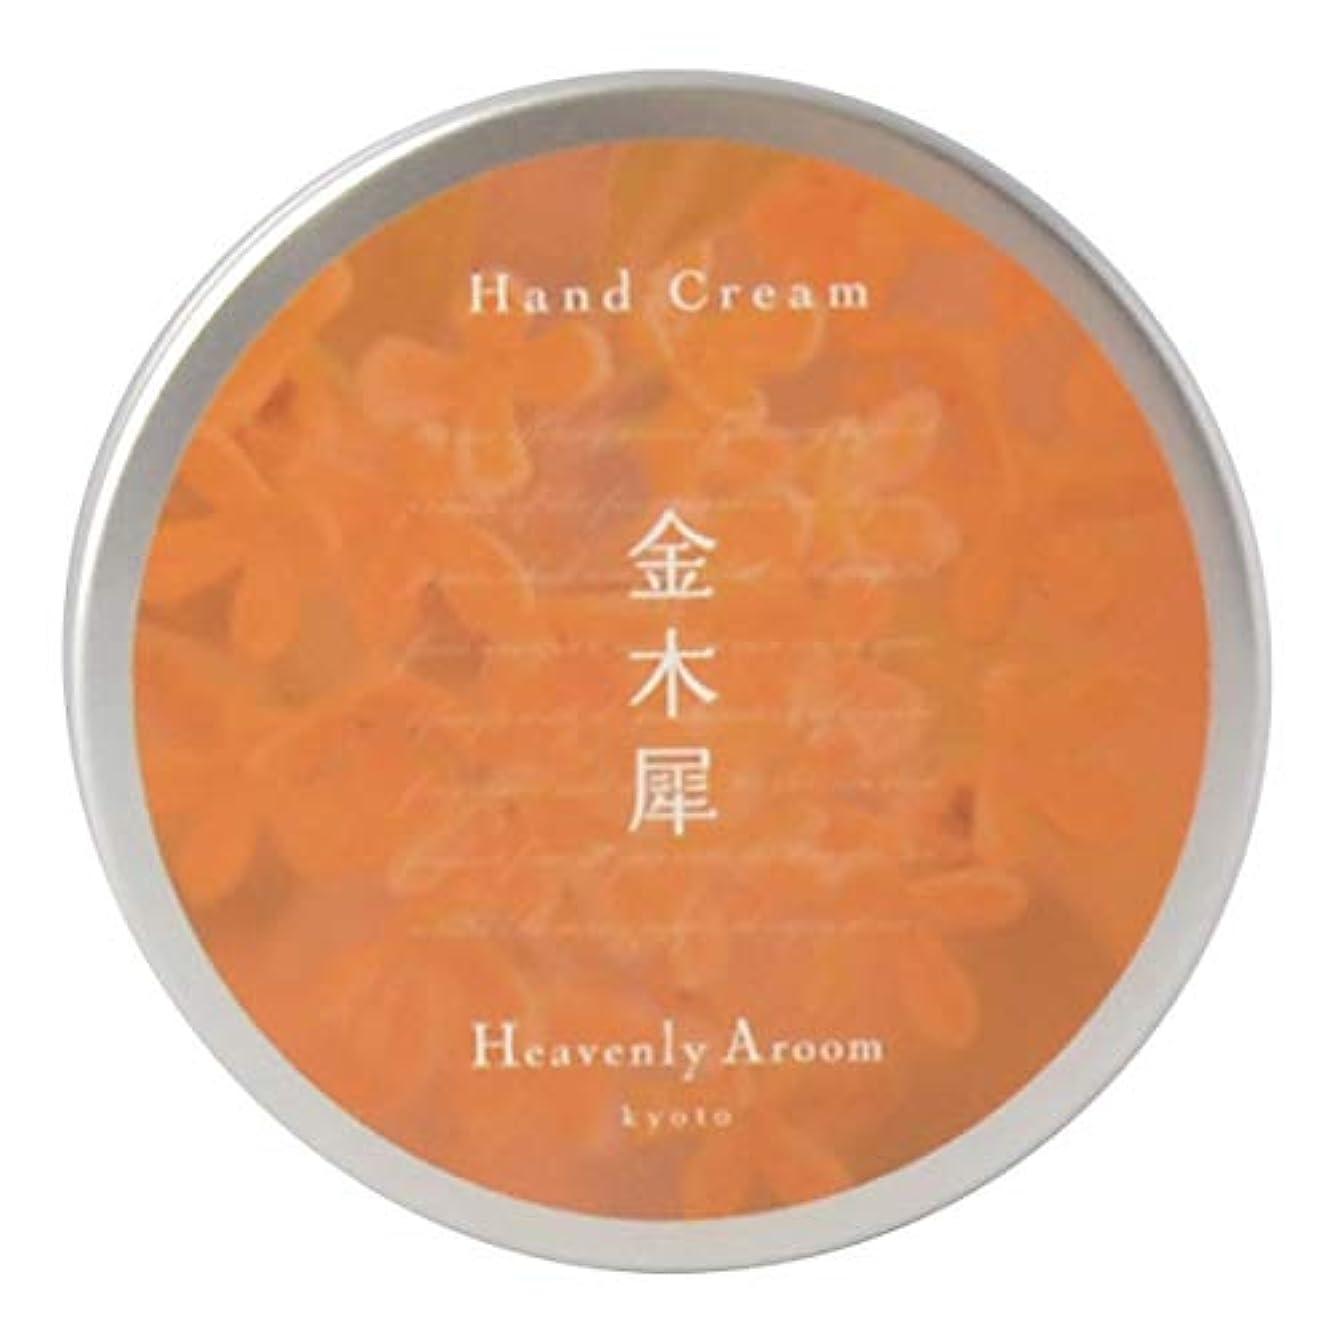 カード水っぽい関係ないHeavenly Aroom ハンドクリーム 金木犀 75g